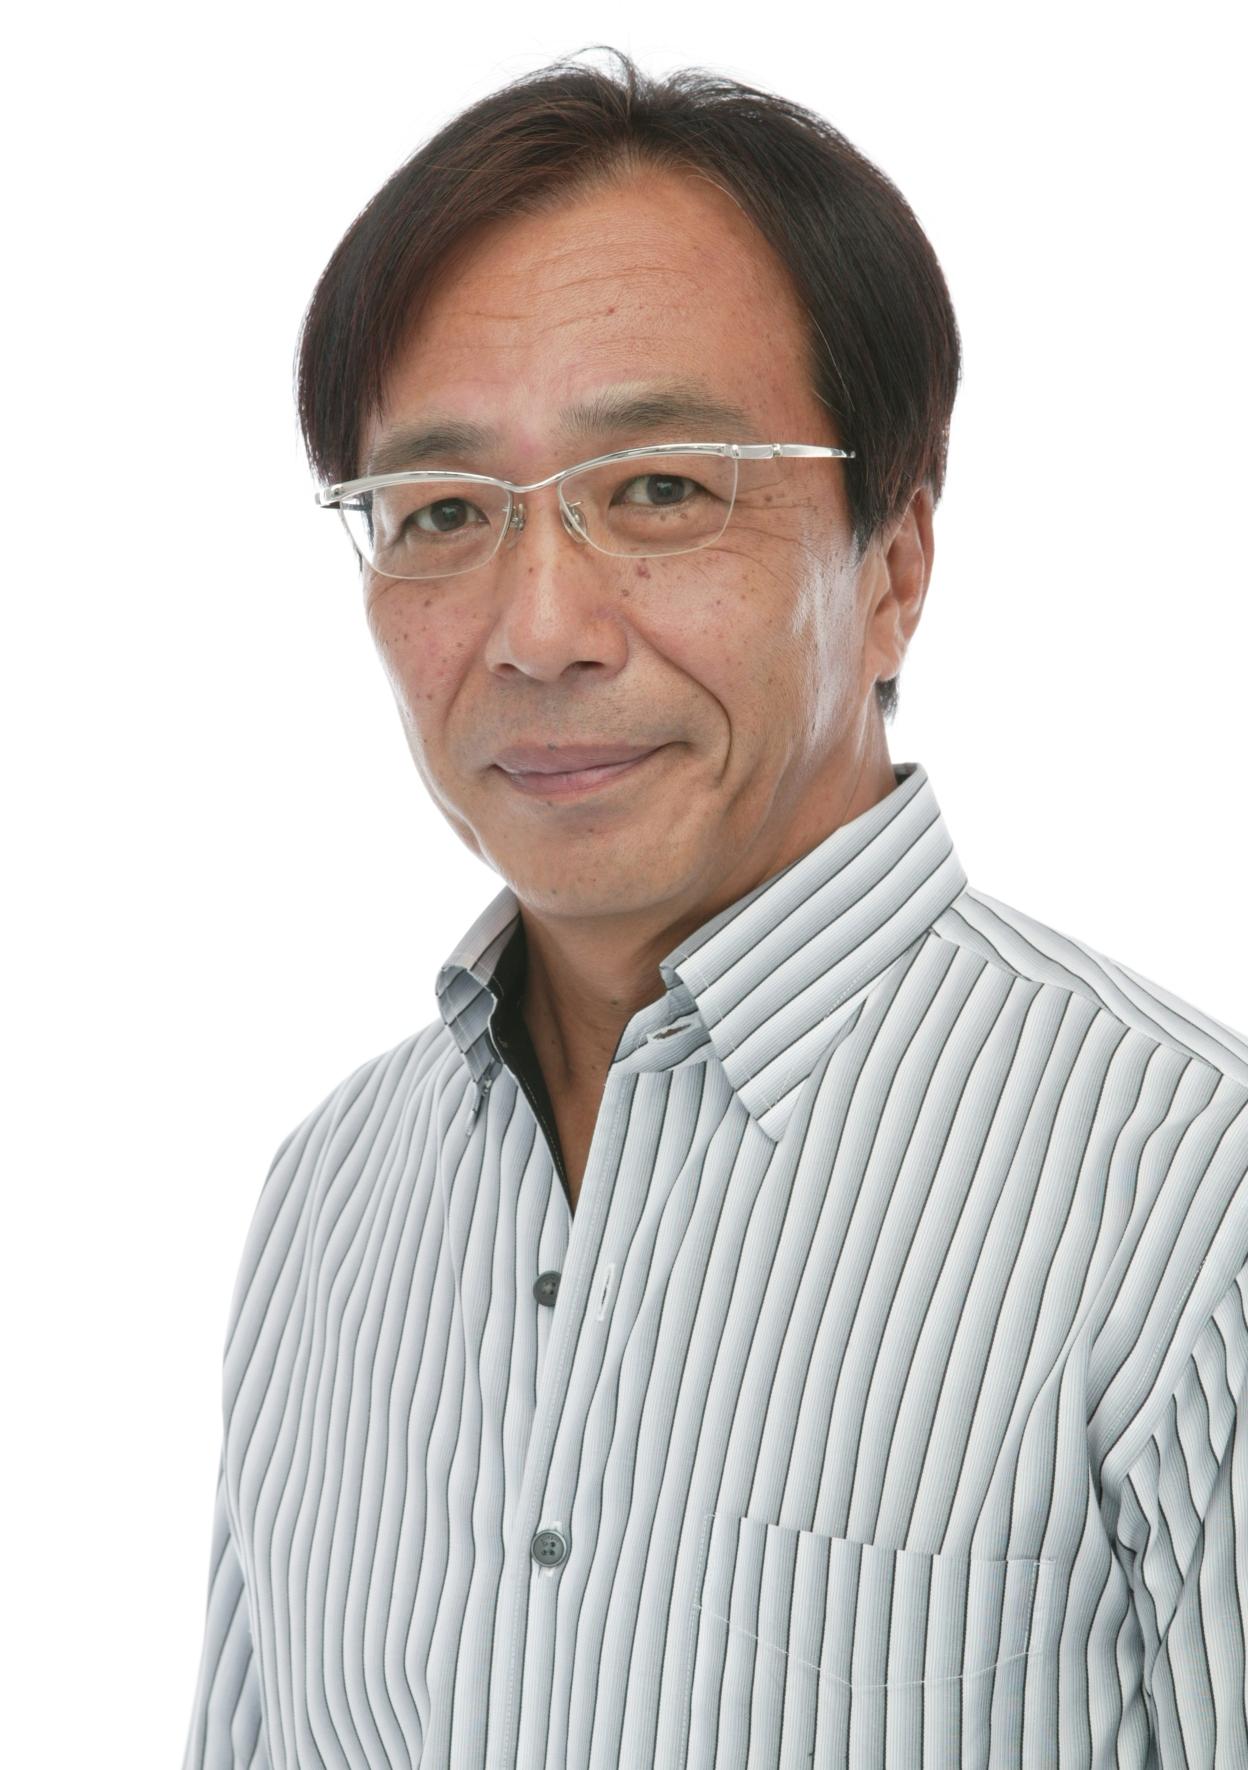 伝説的ラジオドラマ『アッちゃん』が生み出した名優・田中秀幸の成長ストーリー